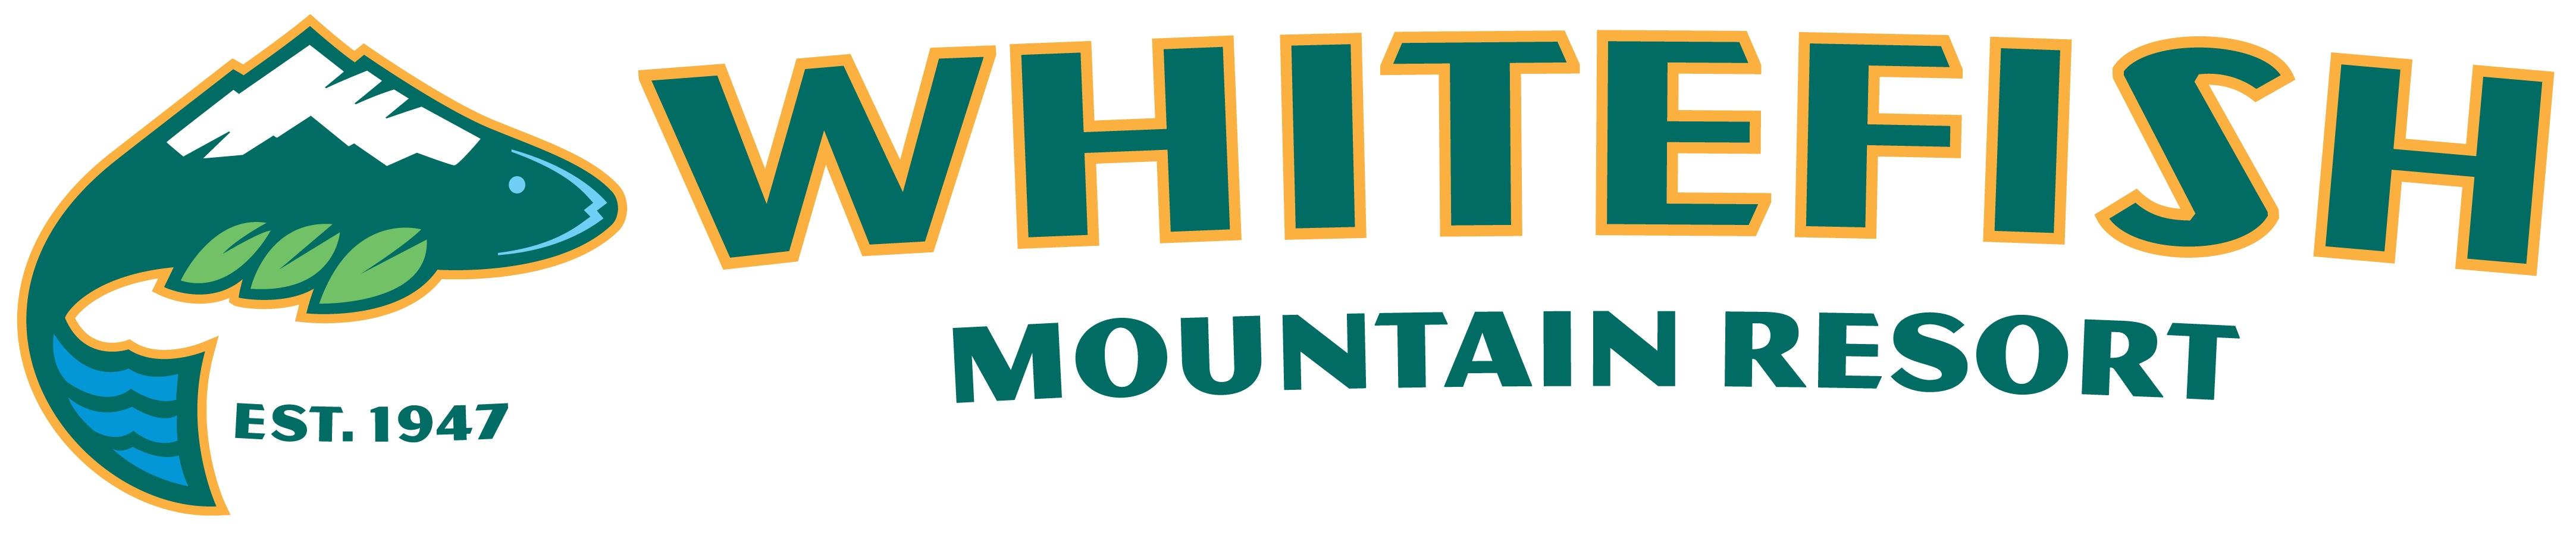 Whitefish Mountain Resort Logo